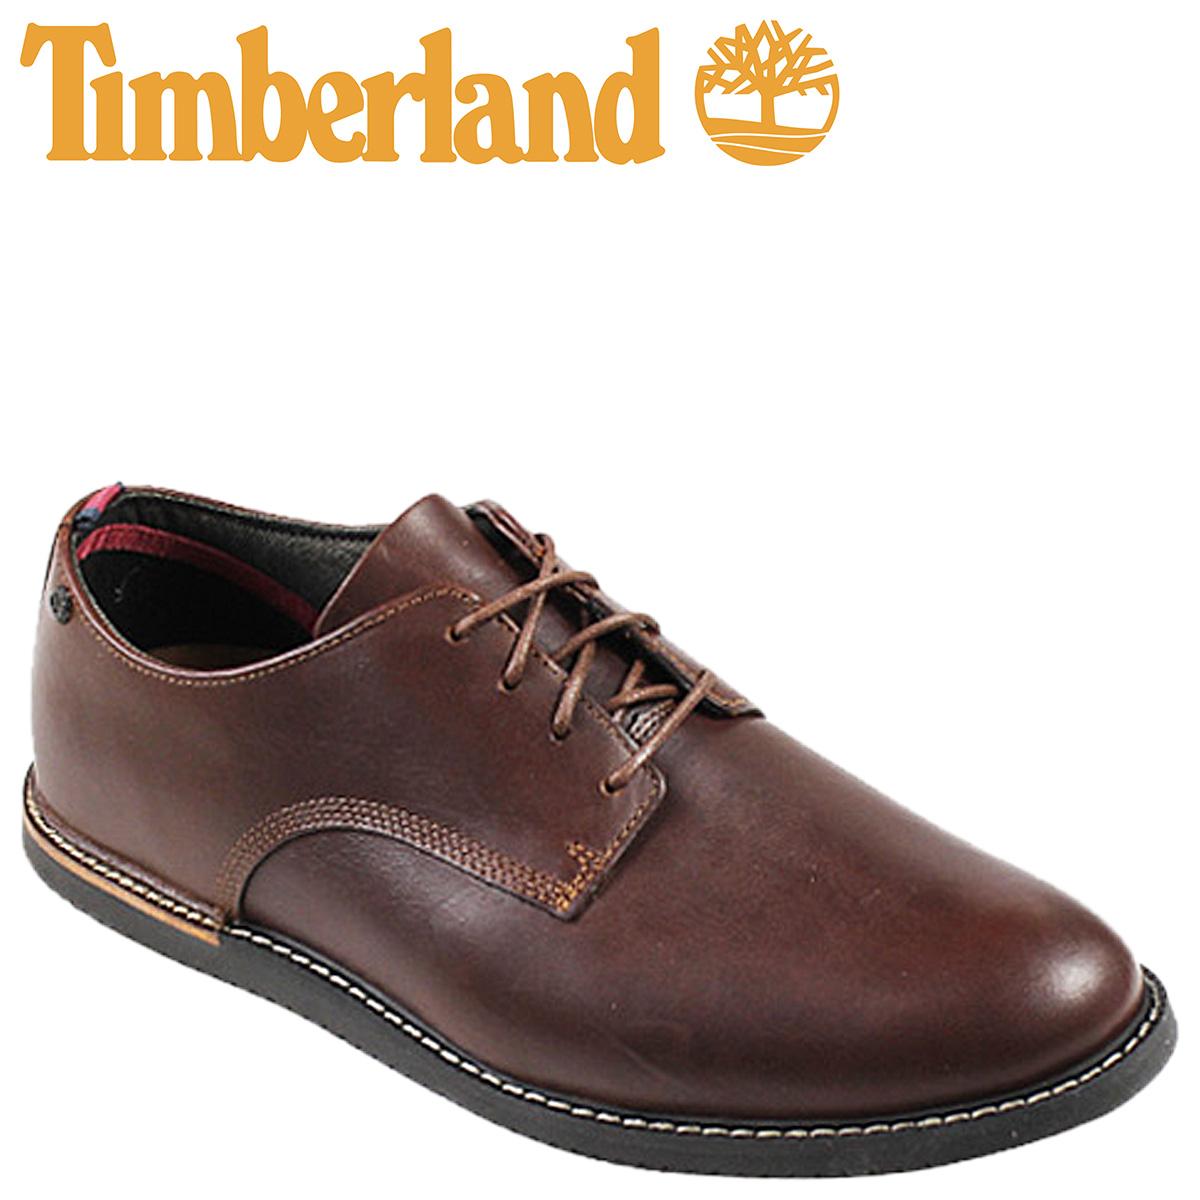 Oxford Zapatos De Cuero Parque Arroyo De Los Hombres De Timberland M39n6vog